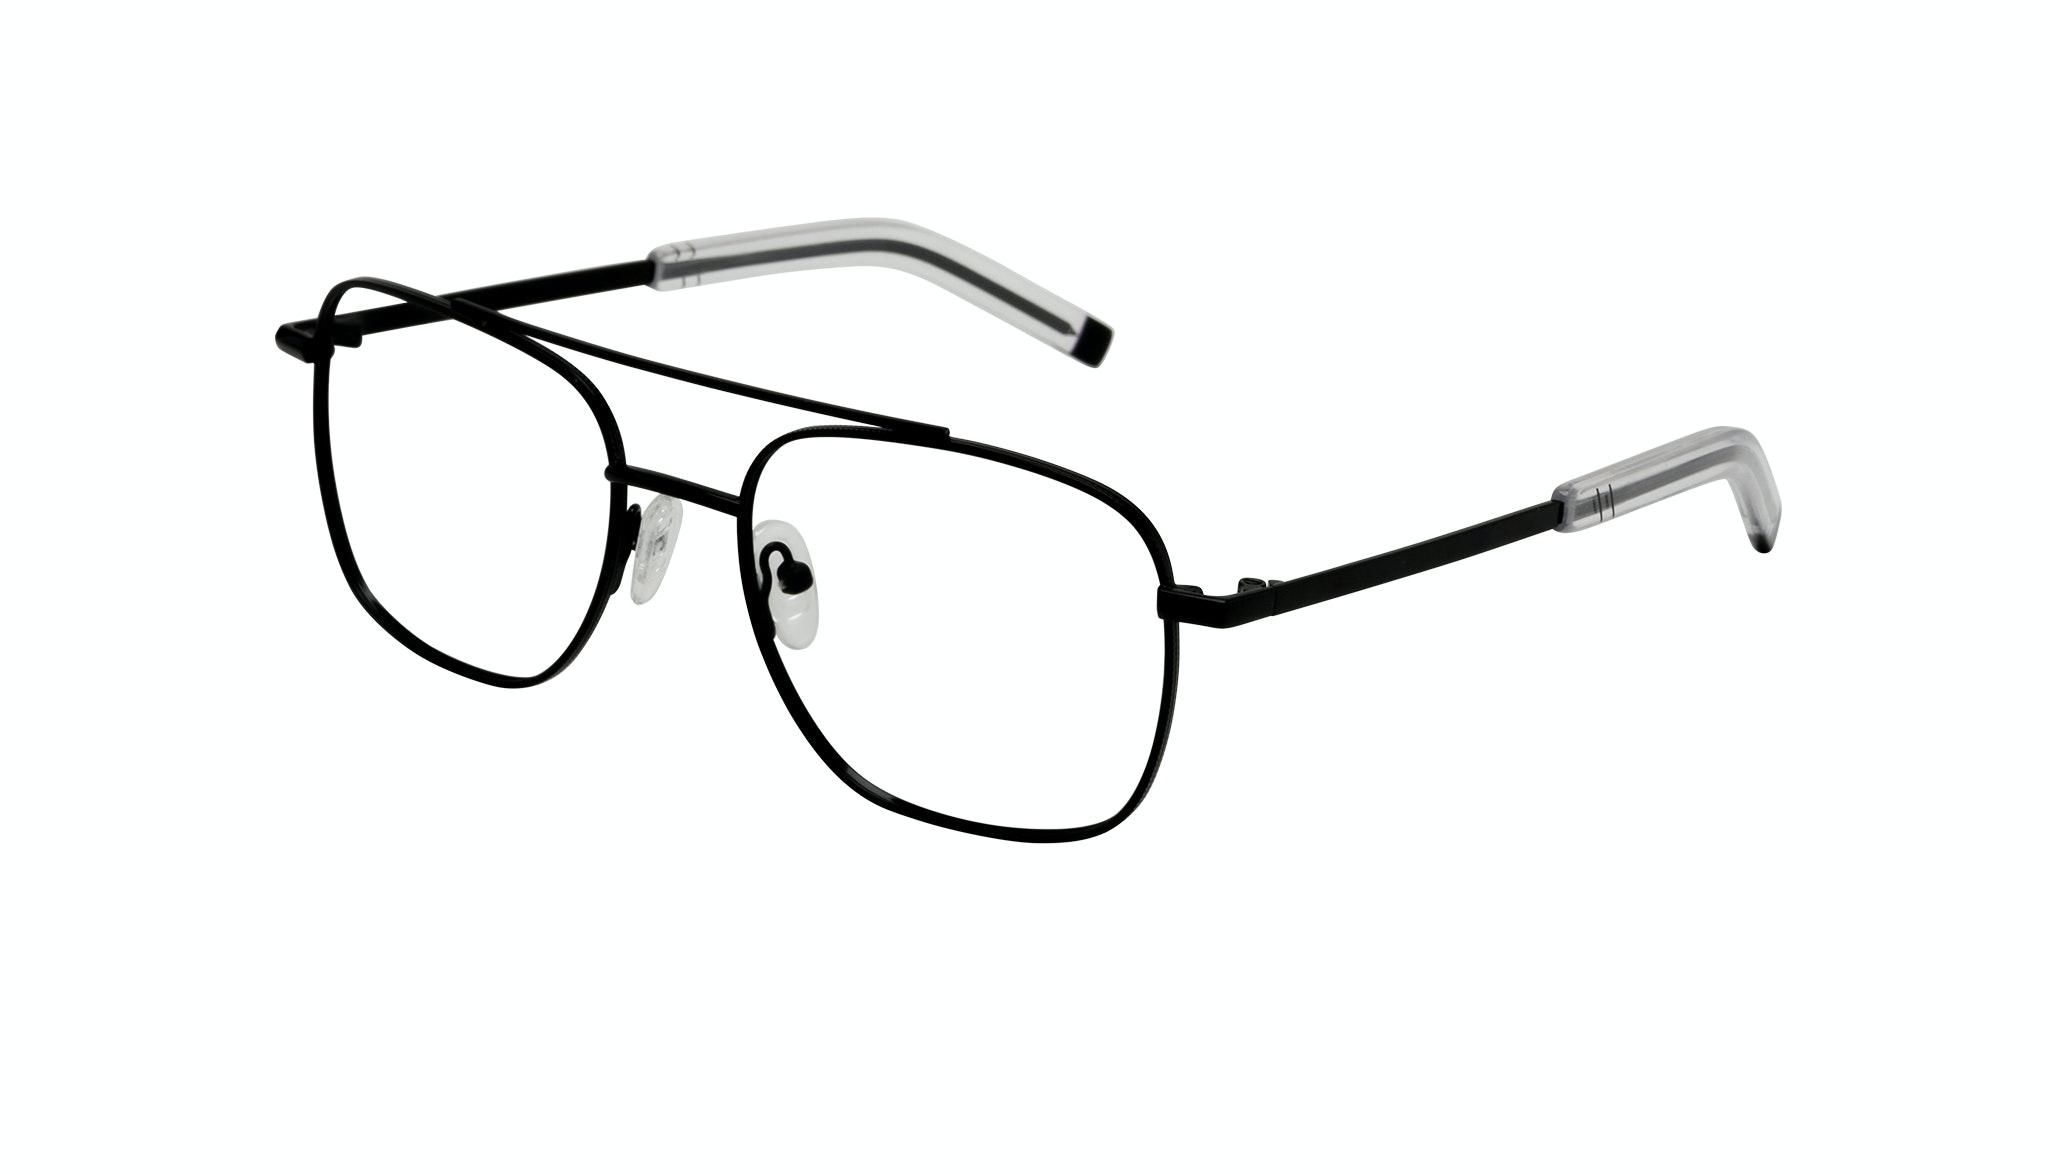 Affordable Fashion Glasses Aviator Eyeglasses Men Drift Black Tilt